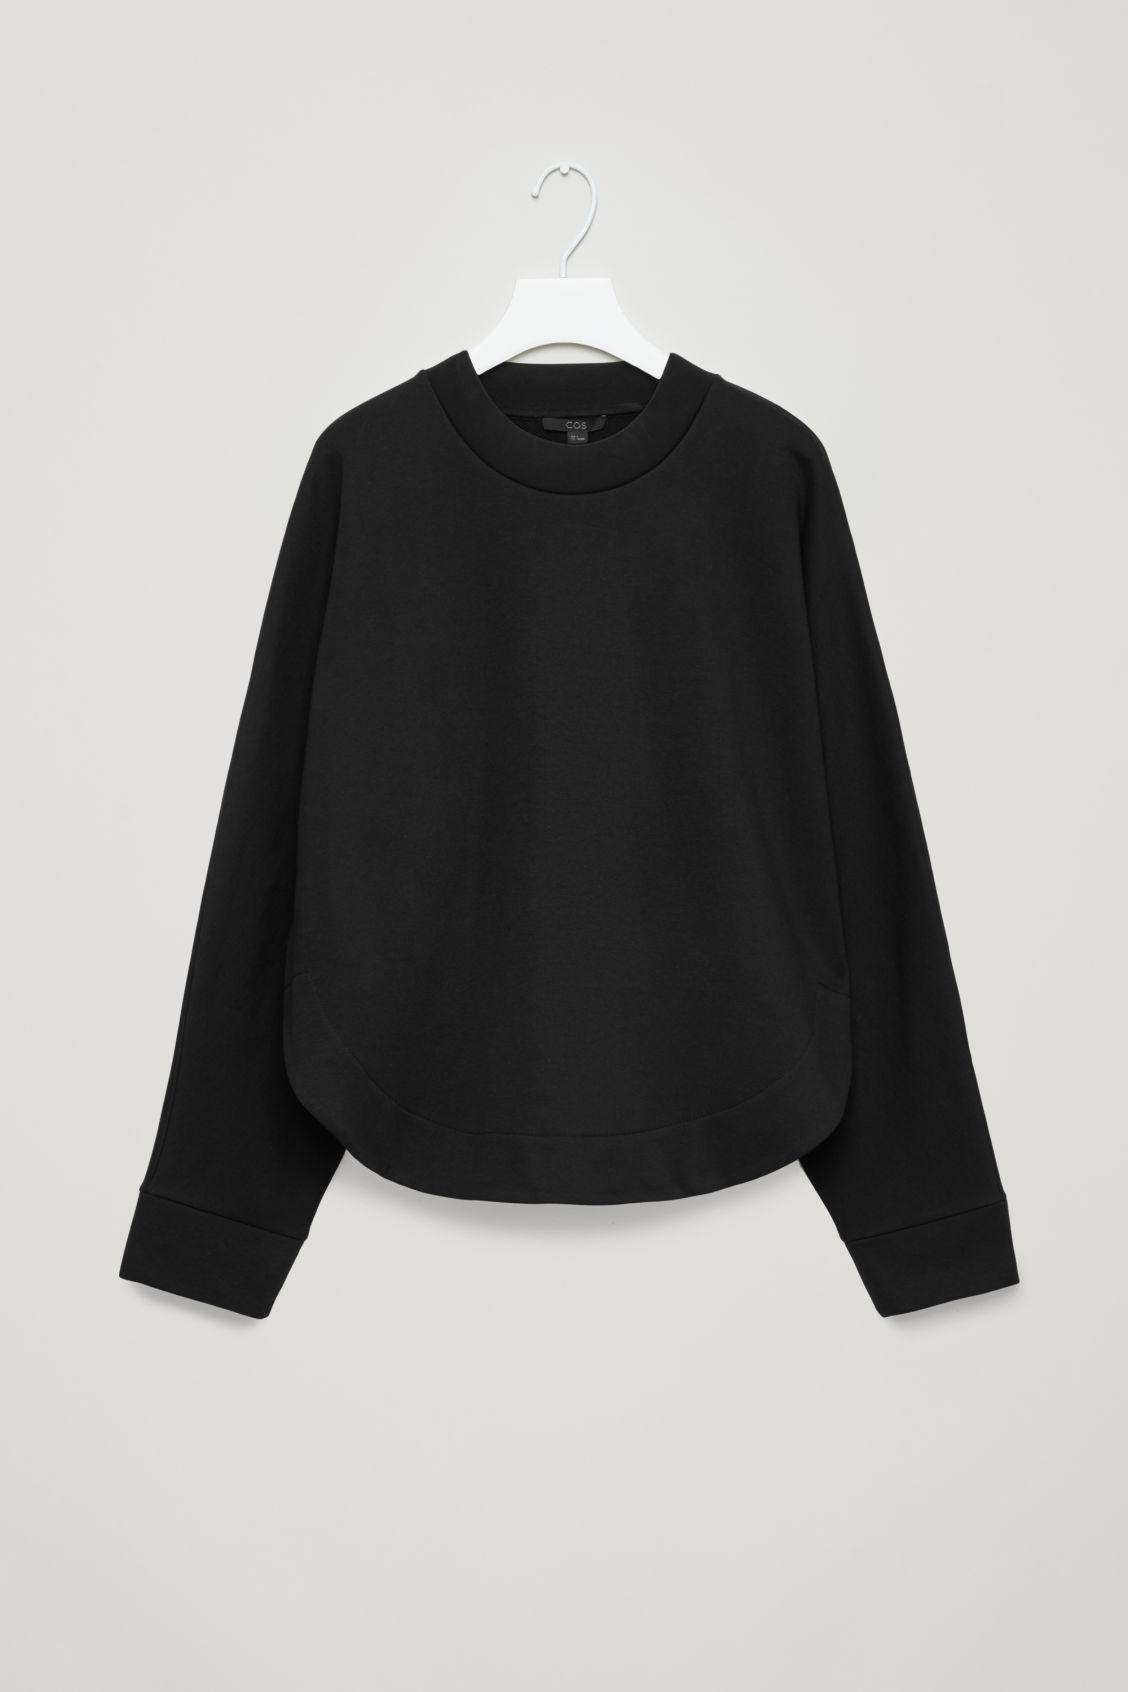 b2f3ed980596 Cos Sweatshirt With Curved Hem In Black